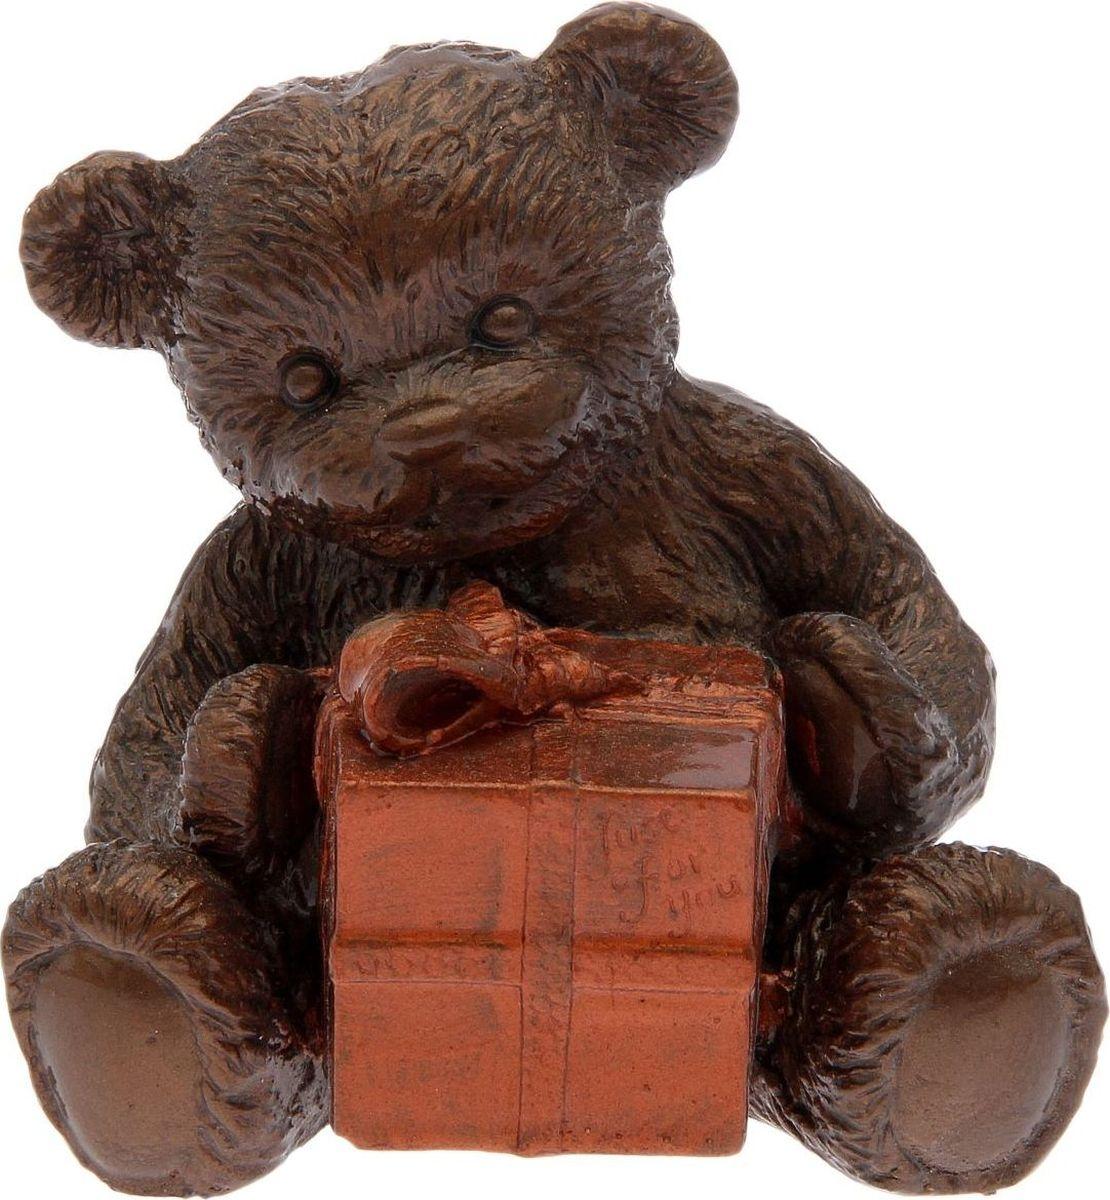 Статуэтка сувенирная Premium Gips Мишка с подарком, цвет: коричневый, 8 х 10 х 12 см2152893Перед вами — сувенир в полном смысле этого слова. И главная его задача — хранить воспоминание о месте, где вы побывали, или о том человеке, который подарил данный предмет. Преподнесите эту вещь своему другу, и она станет достойным украшением его дома.